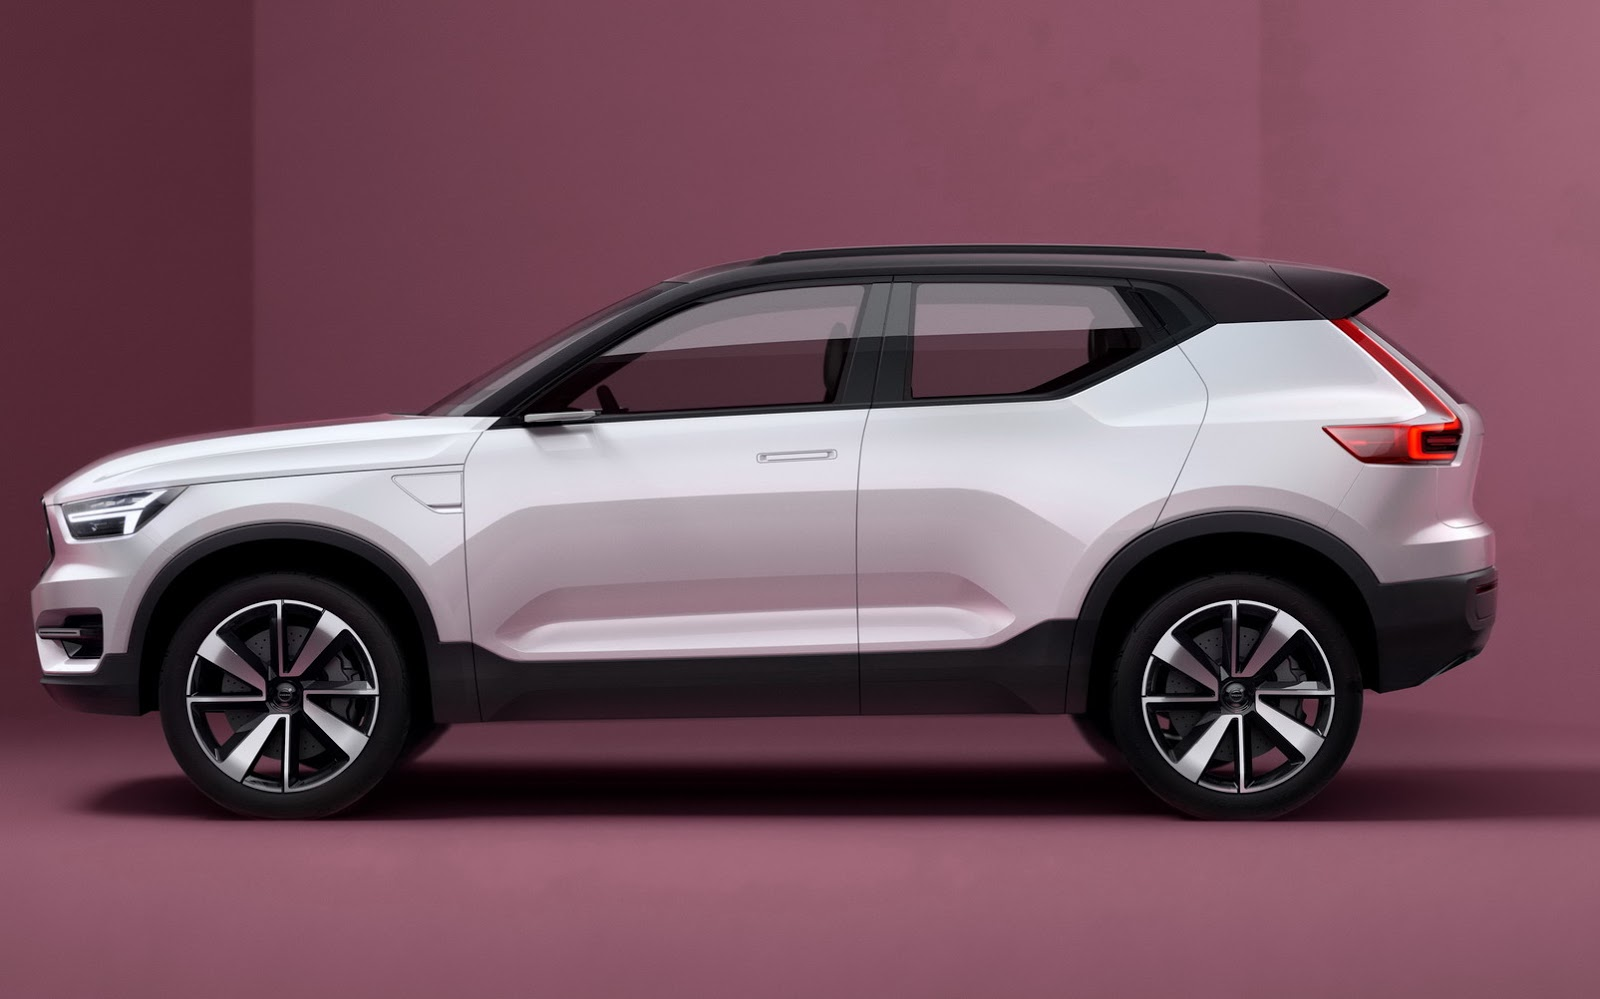 VWVortex com - Volvo 40 1 and 40 2 concepts revealed - Previews the